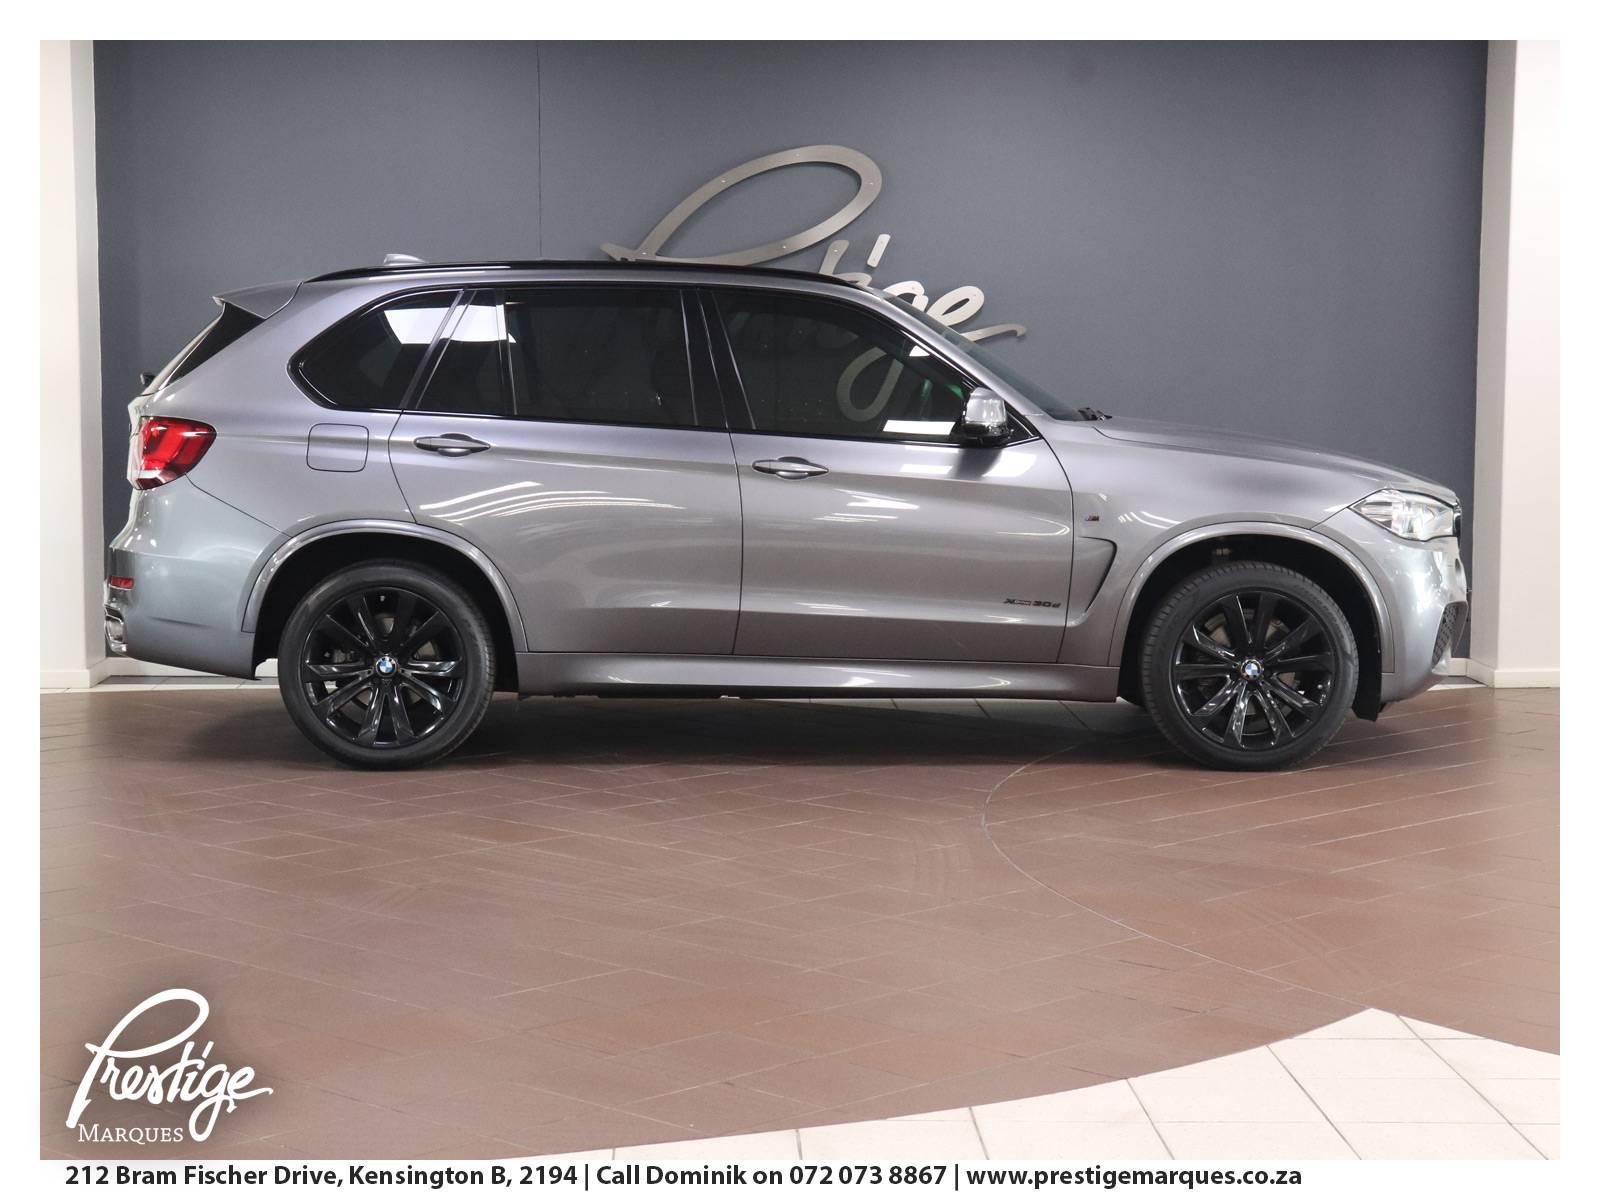 2015-BMW-X5-30d-M-Sport-X-drive-Prestige-Marques-2